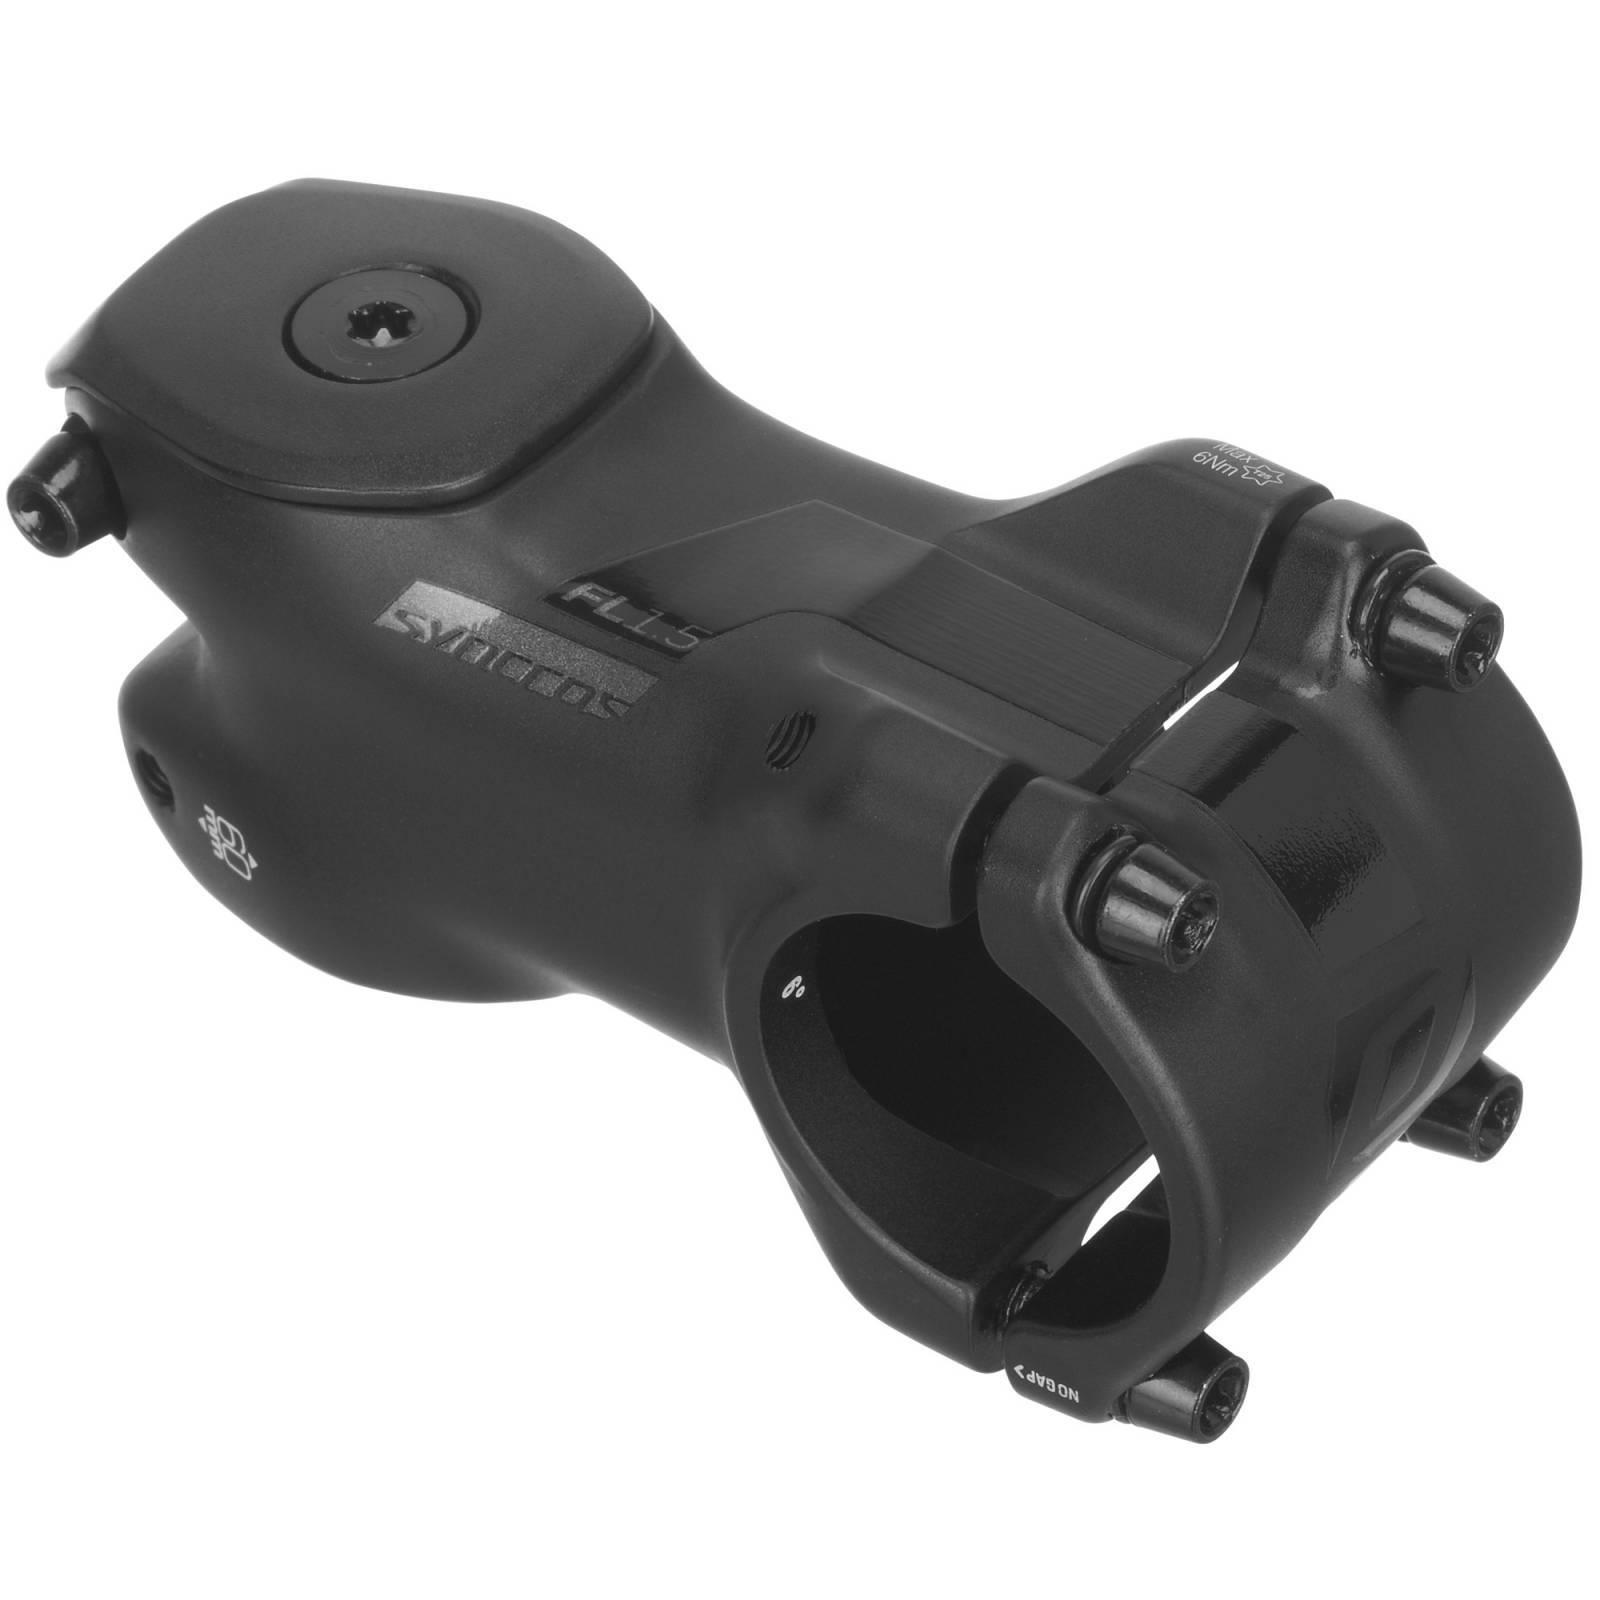 Mesa de guidão Syncros FL 1.5 80mm +/- 6o